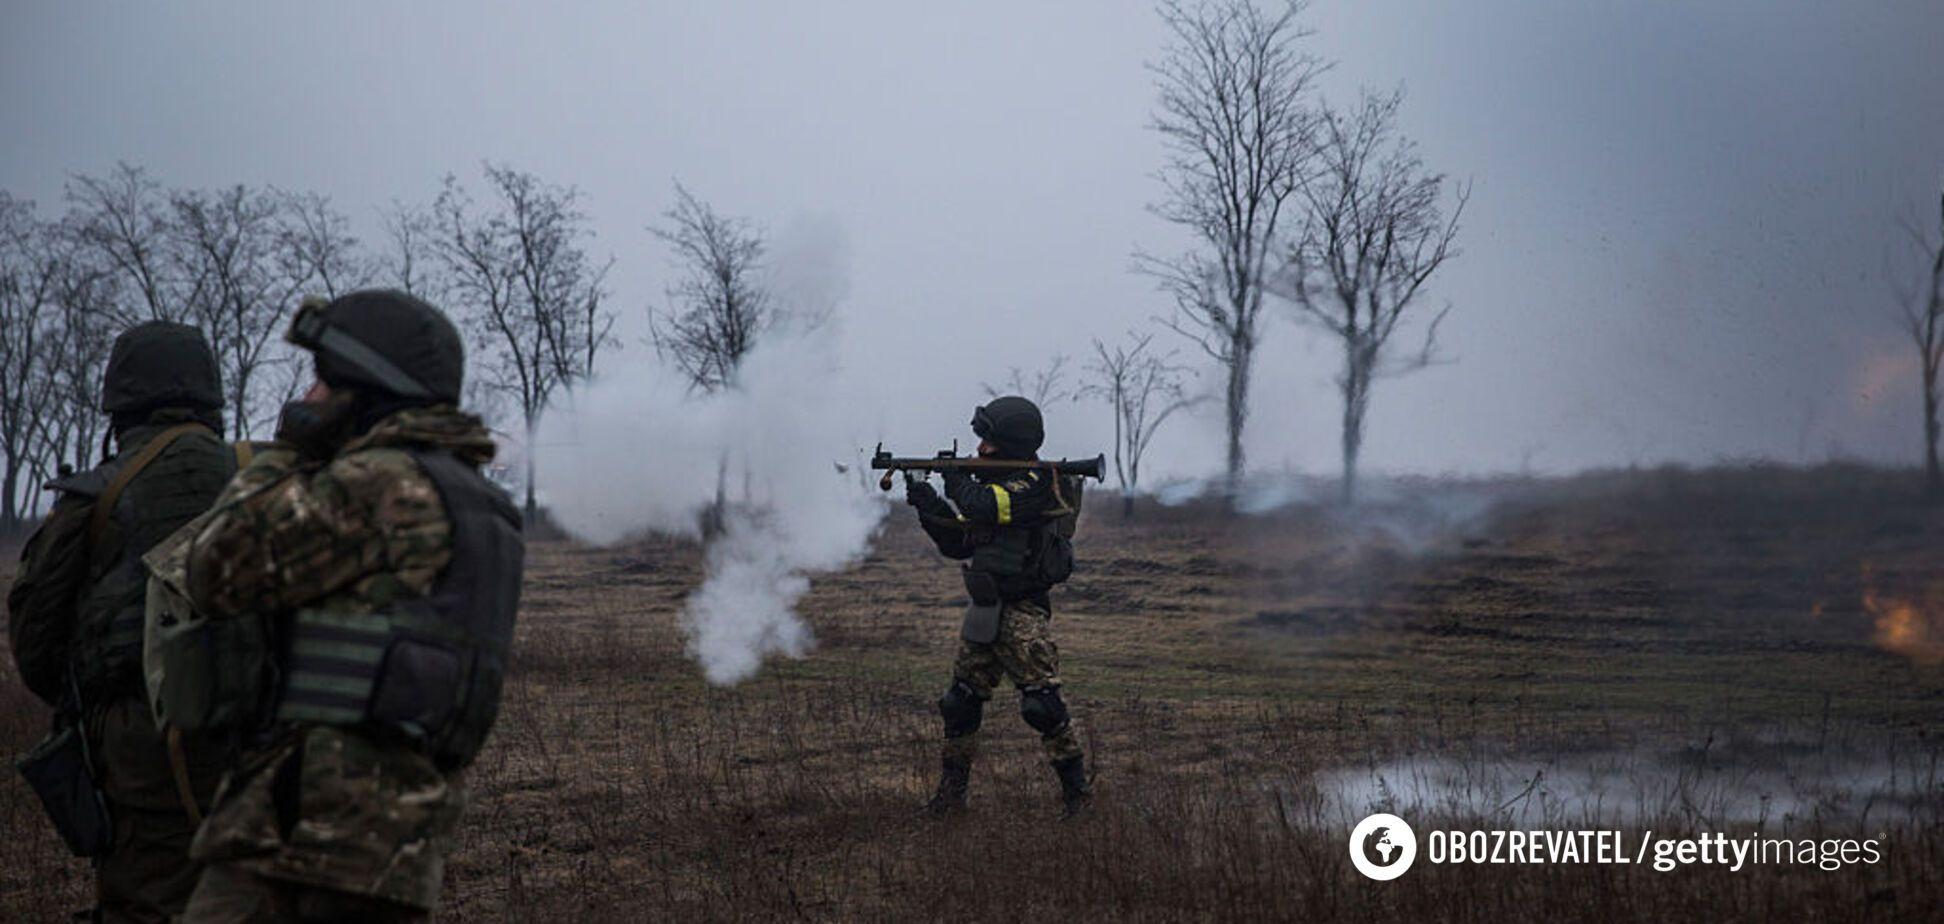 Войска Путина применили подлую тактику на Донбассе: в ВСУ есть раненые